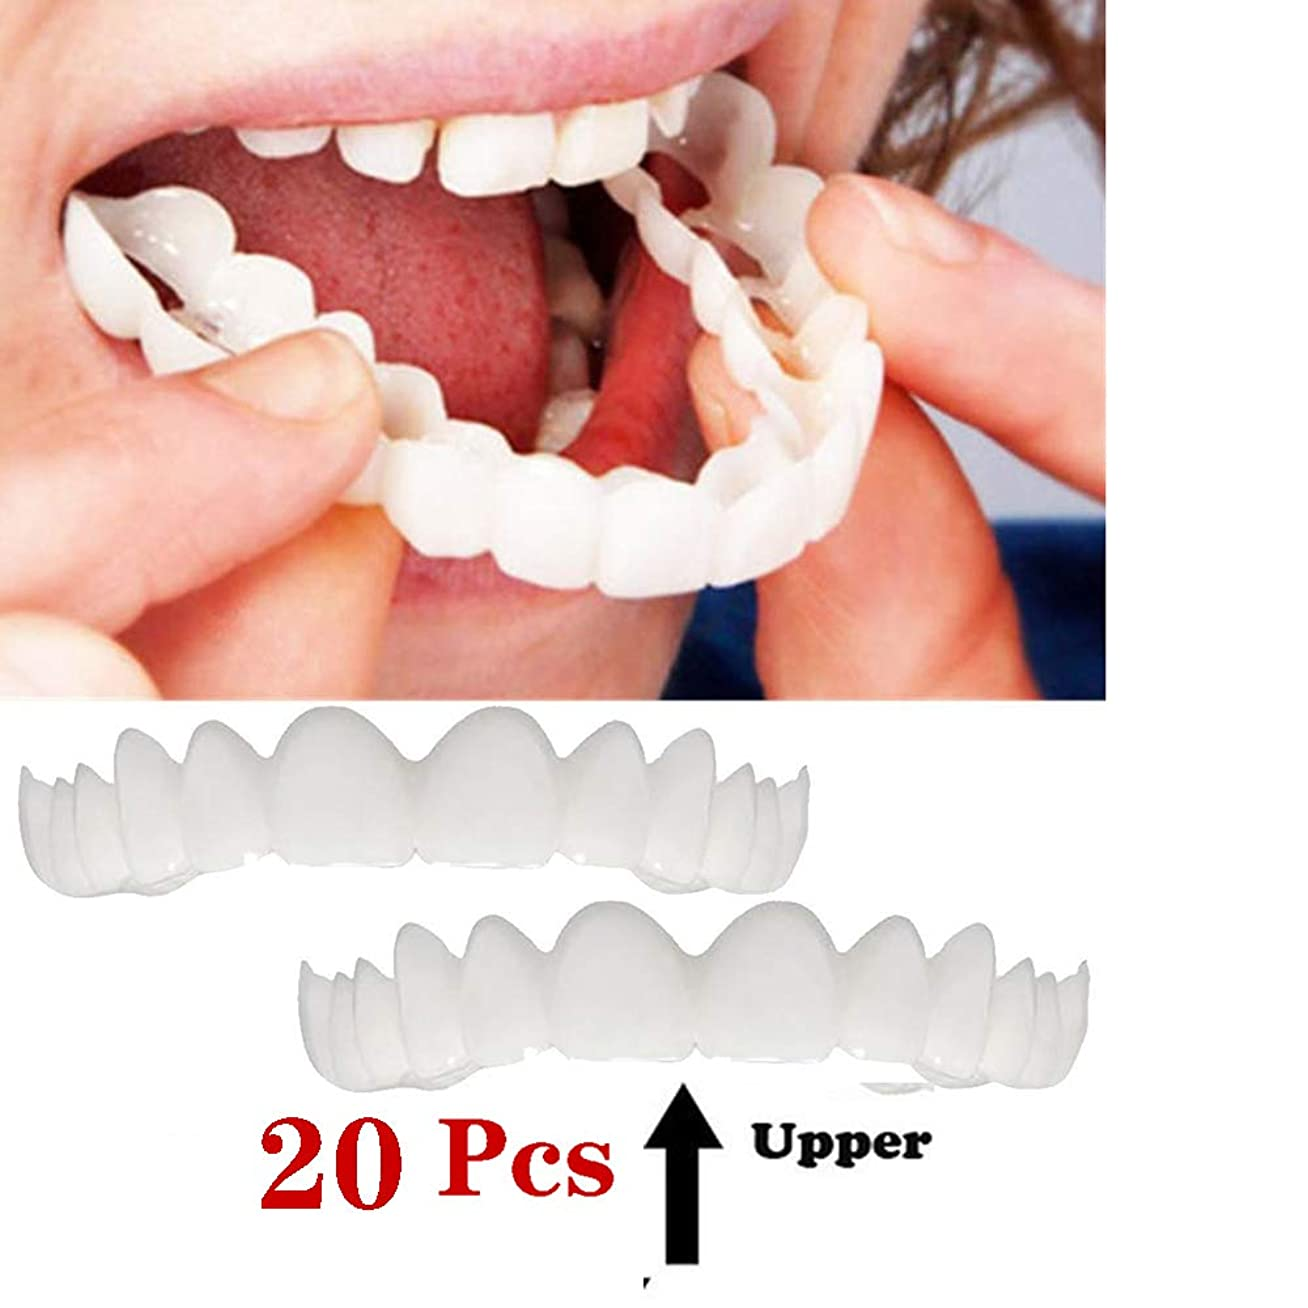 曖昧な全く権利を与える笑顔の義歯フィットフレックス化粧品の歯快適なベニヤカバー歯のスナップを白くする笑顔の歯化粧品の義歯、化粧品の歯20個